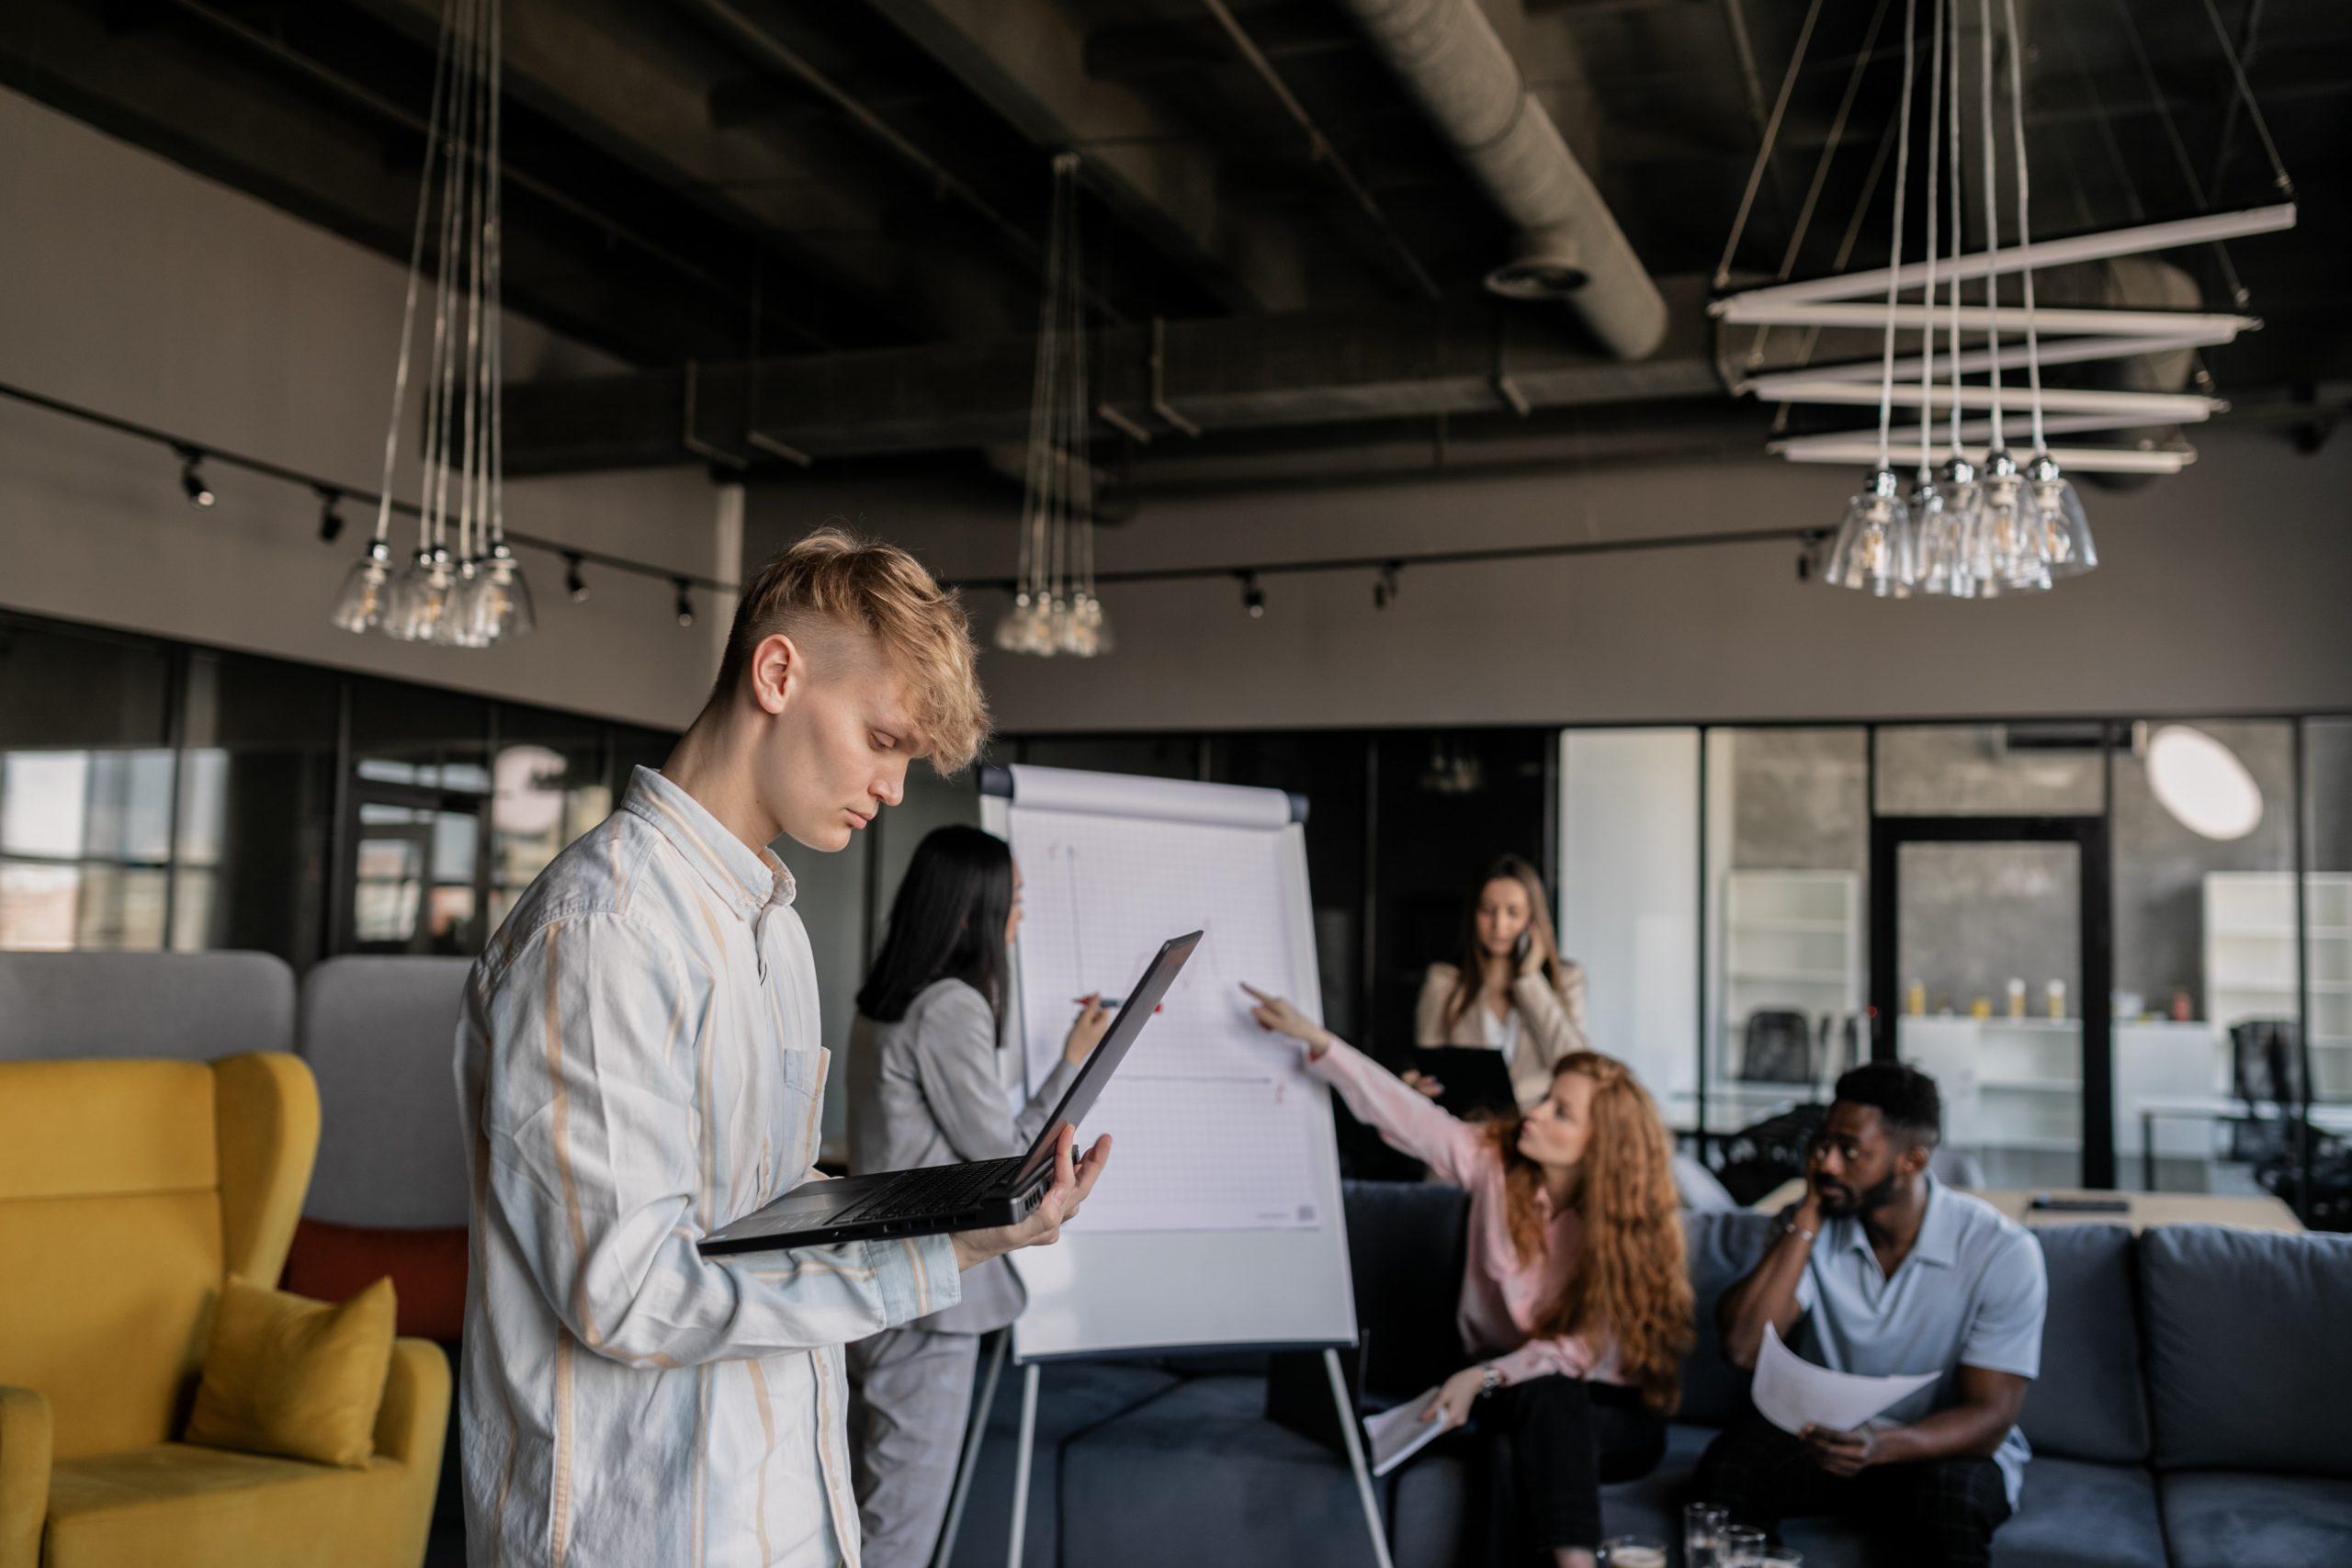 Equipe estudando sobre desenvolvimento do produto